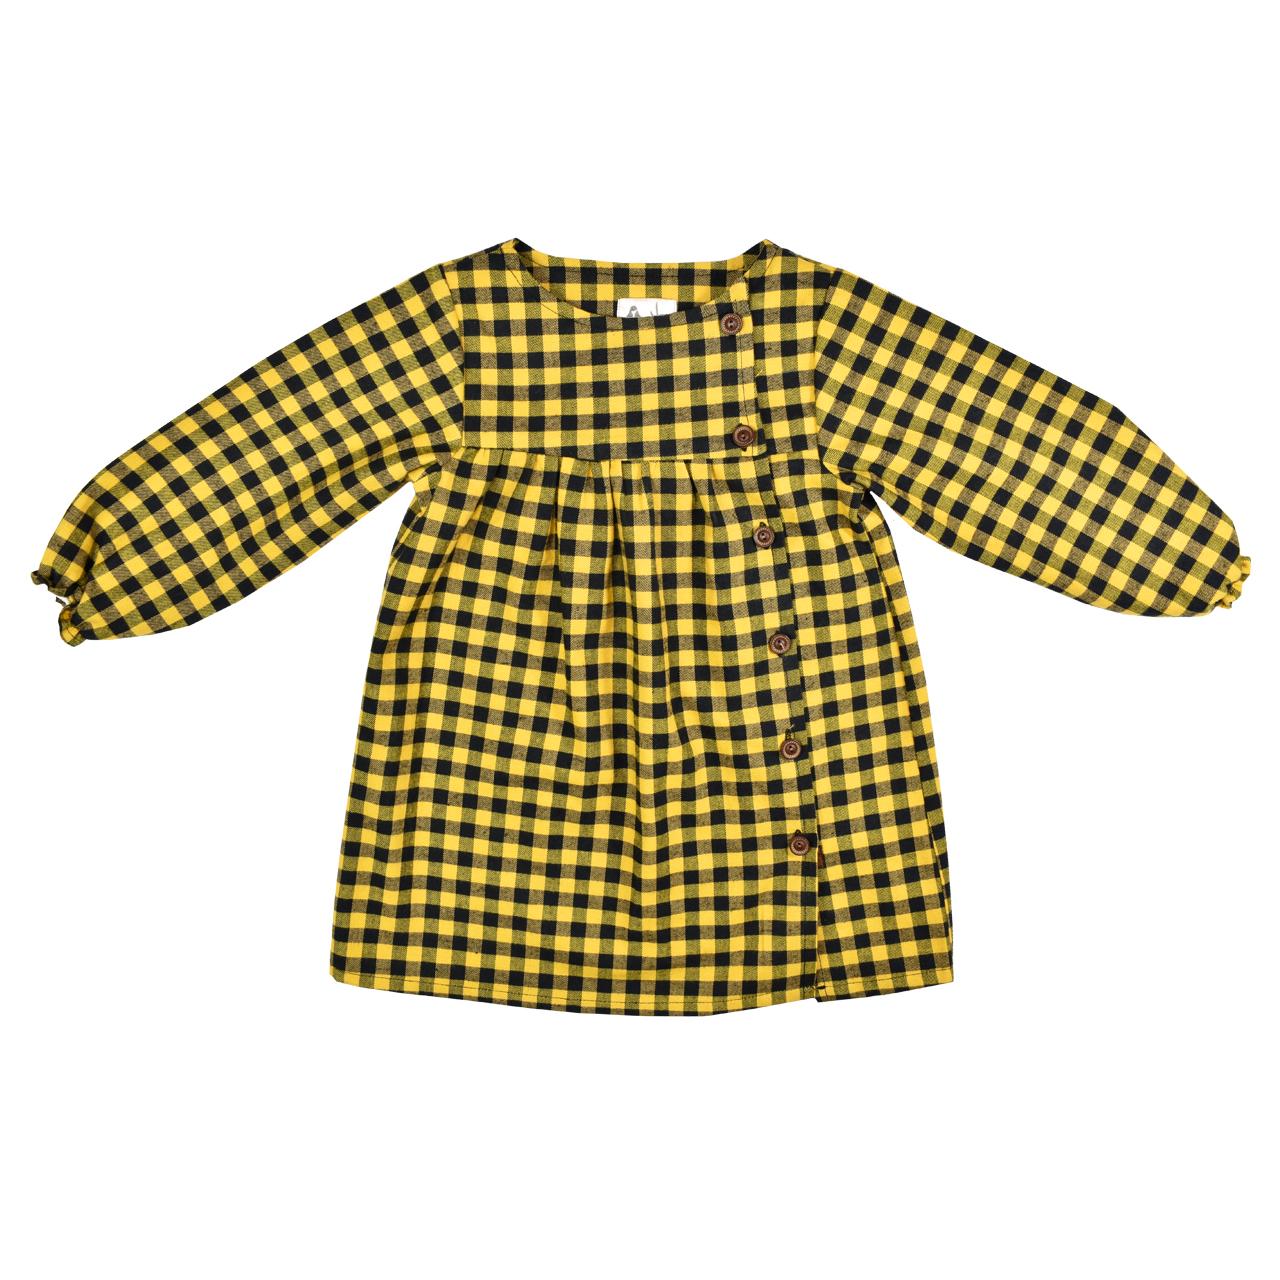 پیراهن دخترانه نیروان مدل 101090 -1